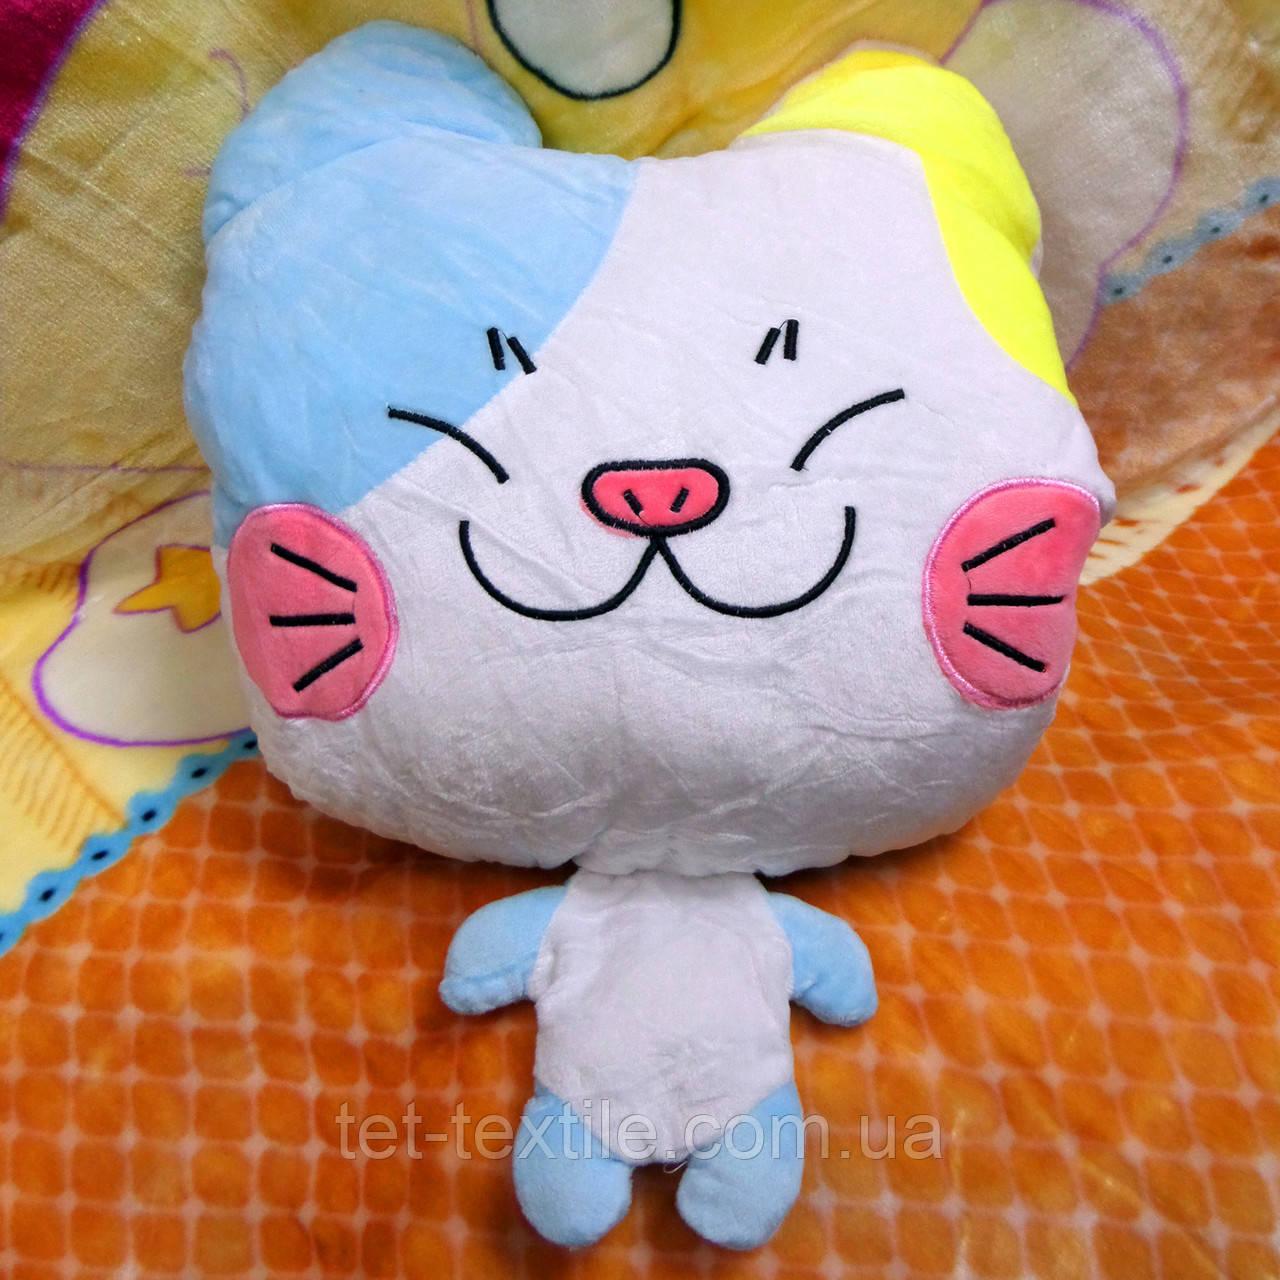 Плед - мягкая игрушка 3 в 1 (Котик бело-голубой)